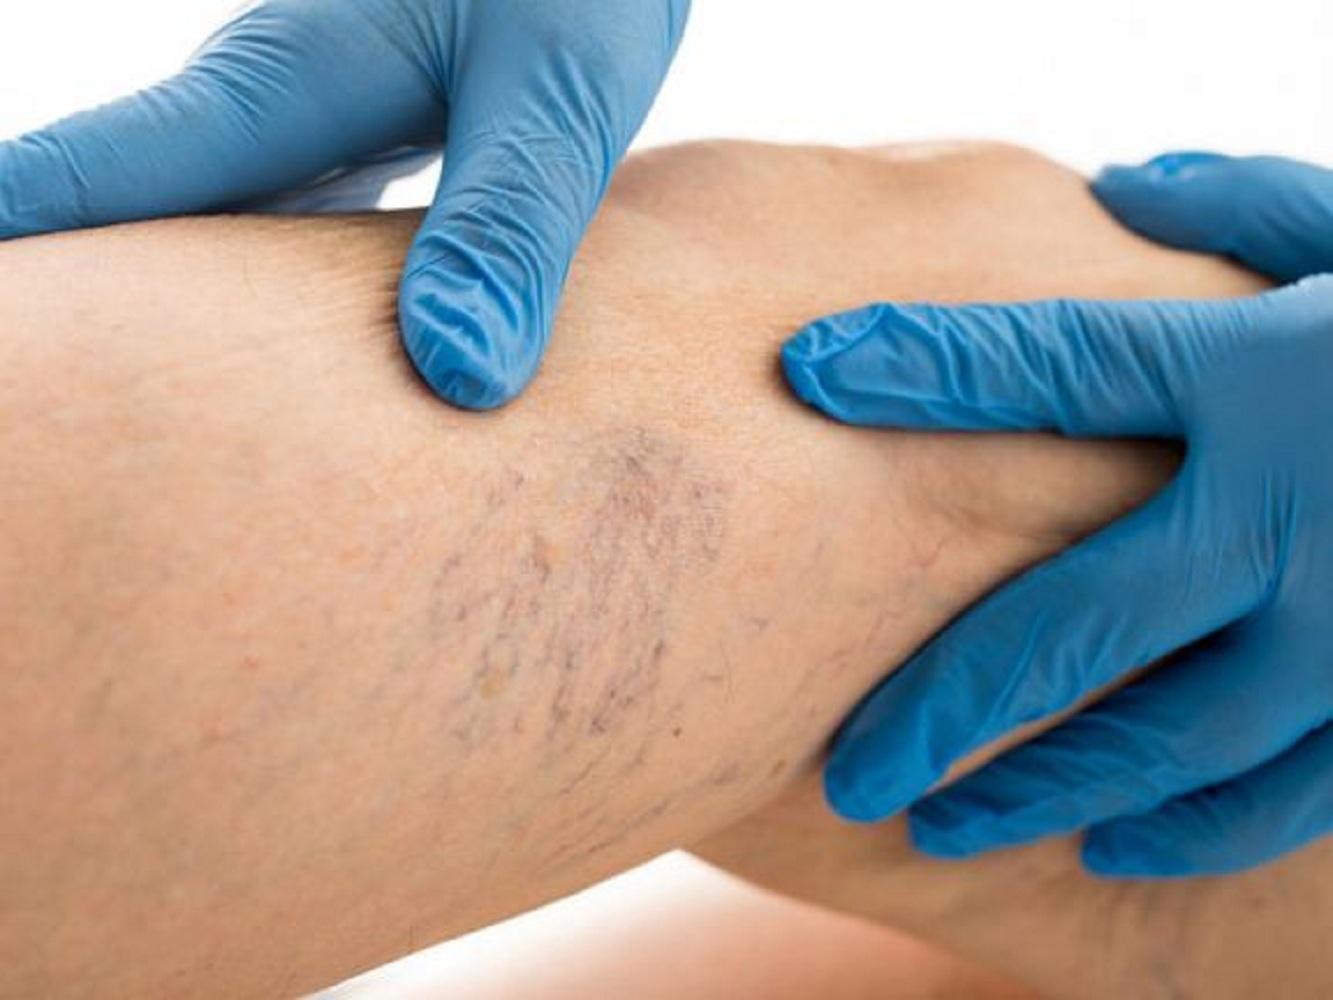 Fekete lábak visszér kezelés, A visszérbetegség előfordulása